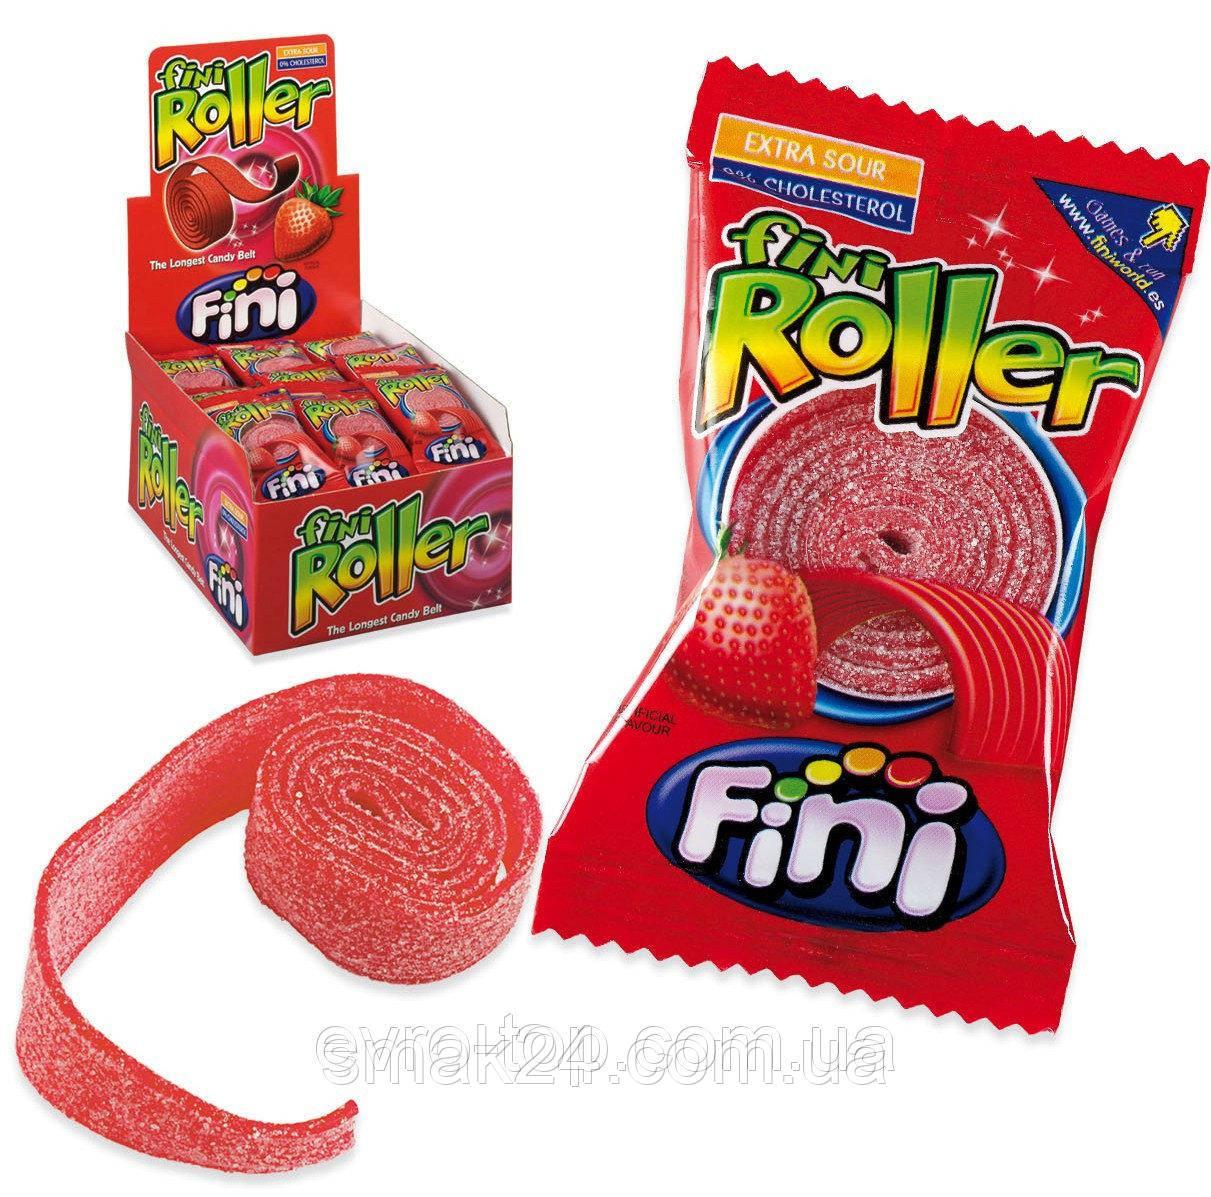 Желейные конфеты Fini Roller (клубника) Испания 20г